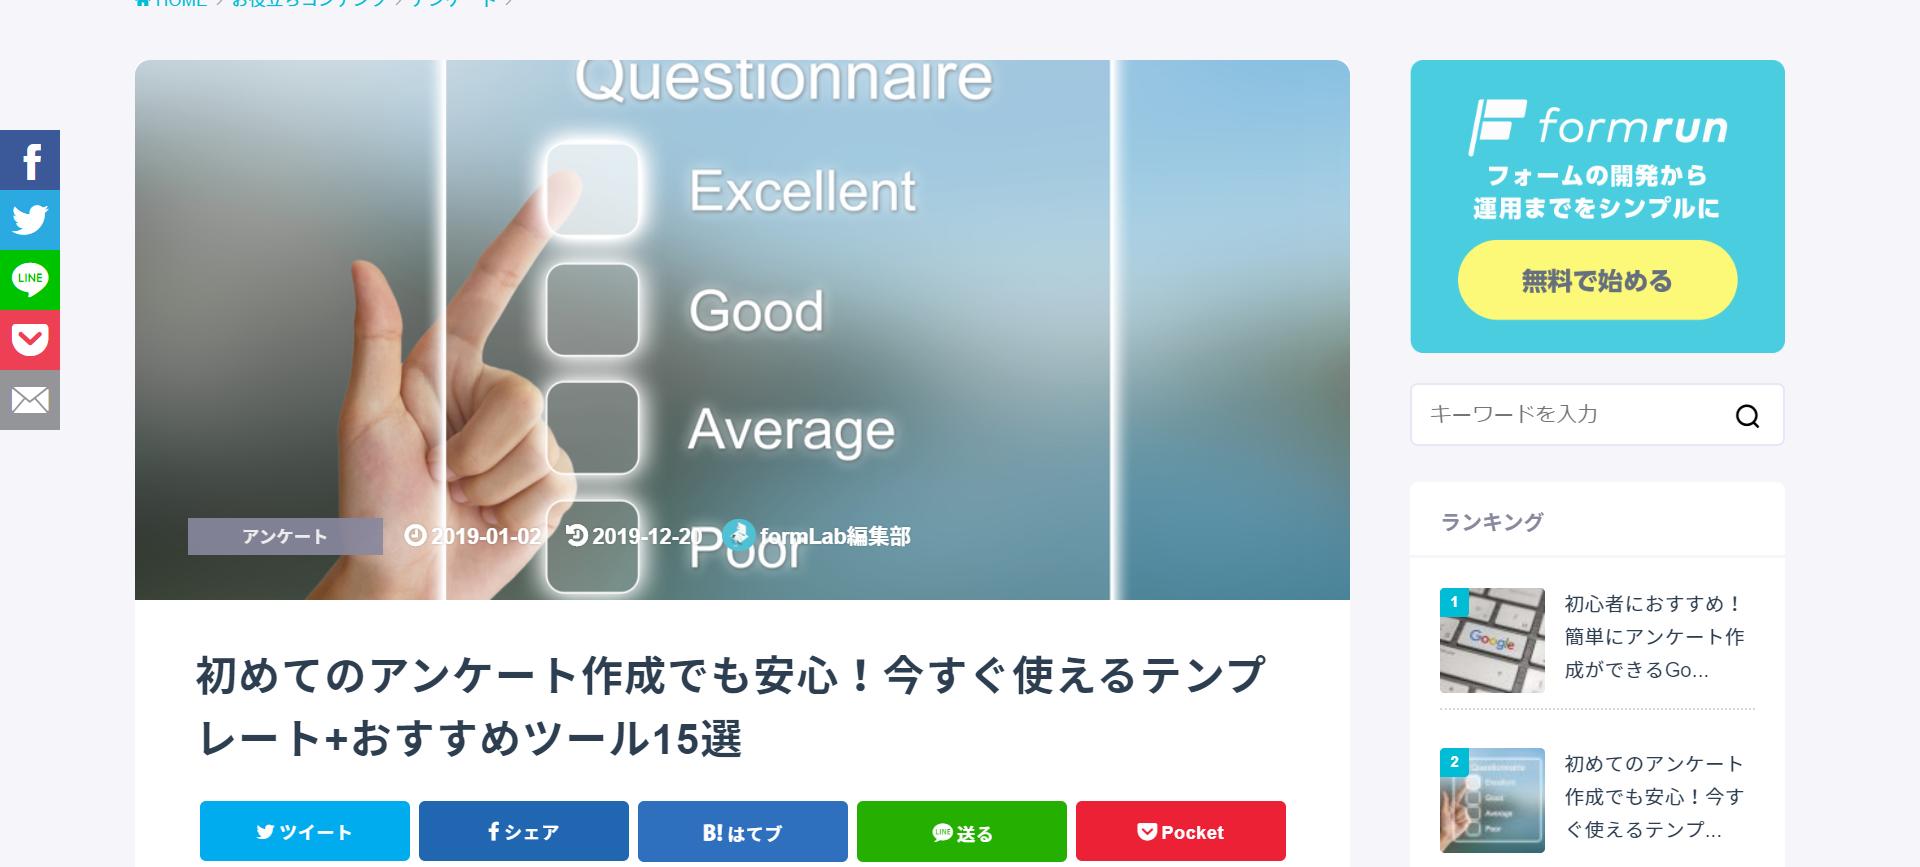 顧客ニーズ_2